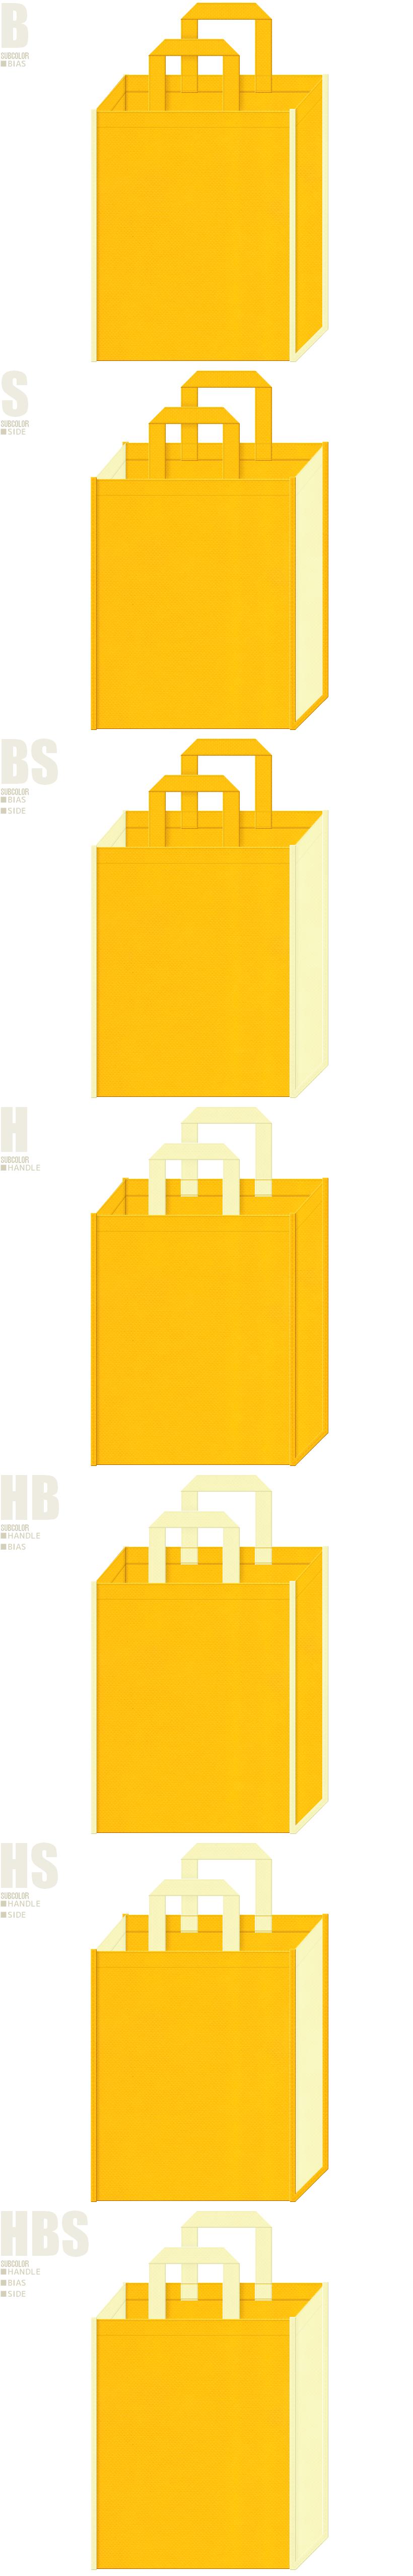 交通安全・通園バッグ・エンジェル・たまご・ひよこ・レモン・バナナ・グレープフルーツ・ビタミン・ひまわり・菜の花・テーマパークにお奨めの不織布バッグデザイン:黄色と薄黄色の配色7パターン。